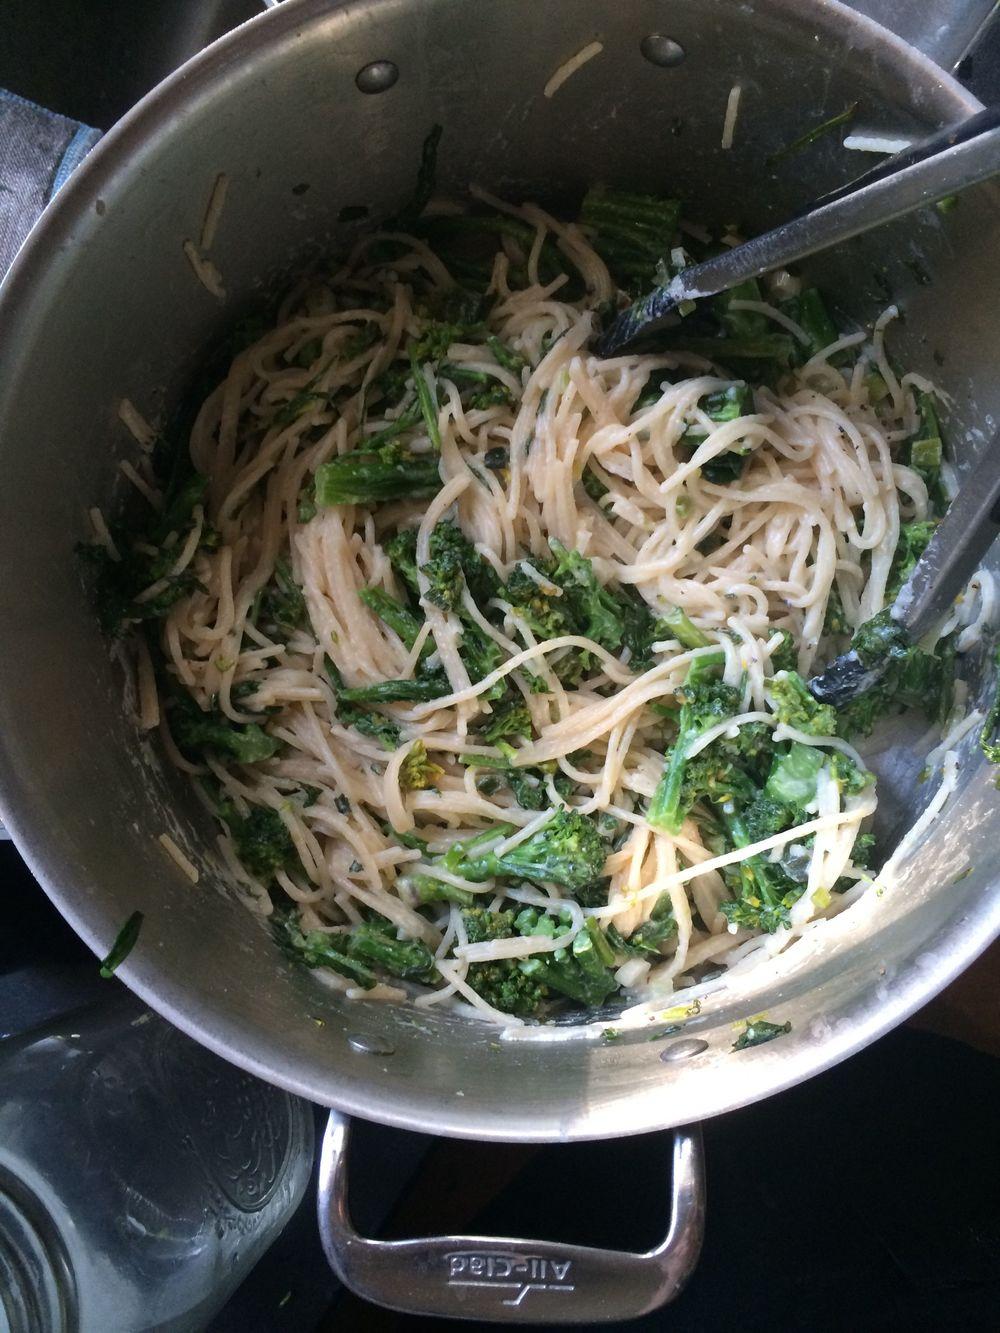 Spaghetti with Ricotta and Double Broccoli. Ta da!